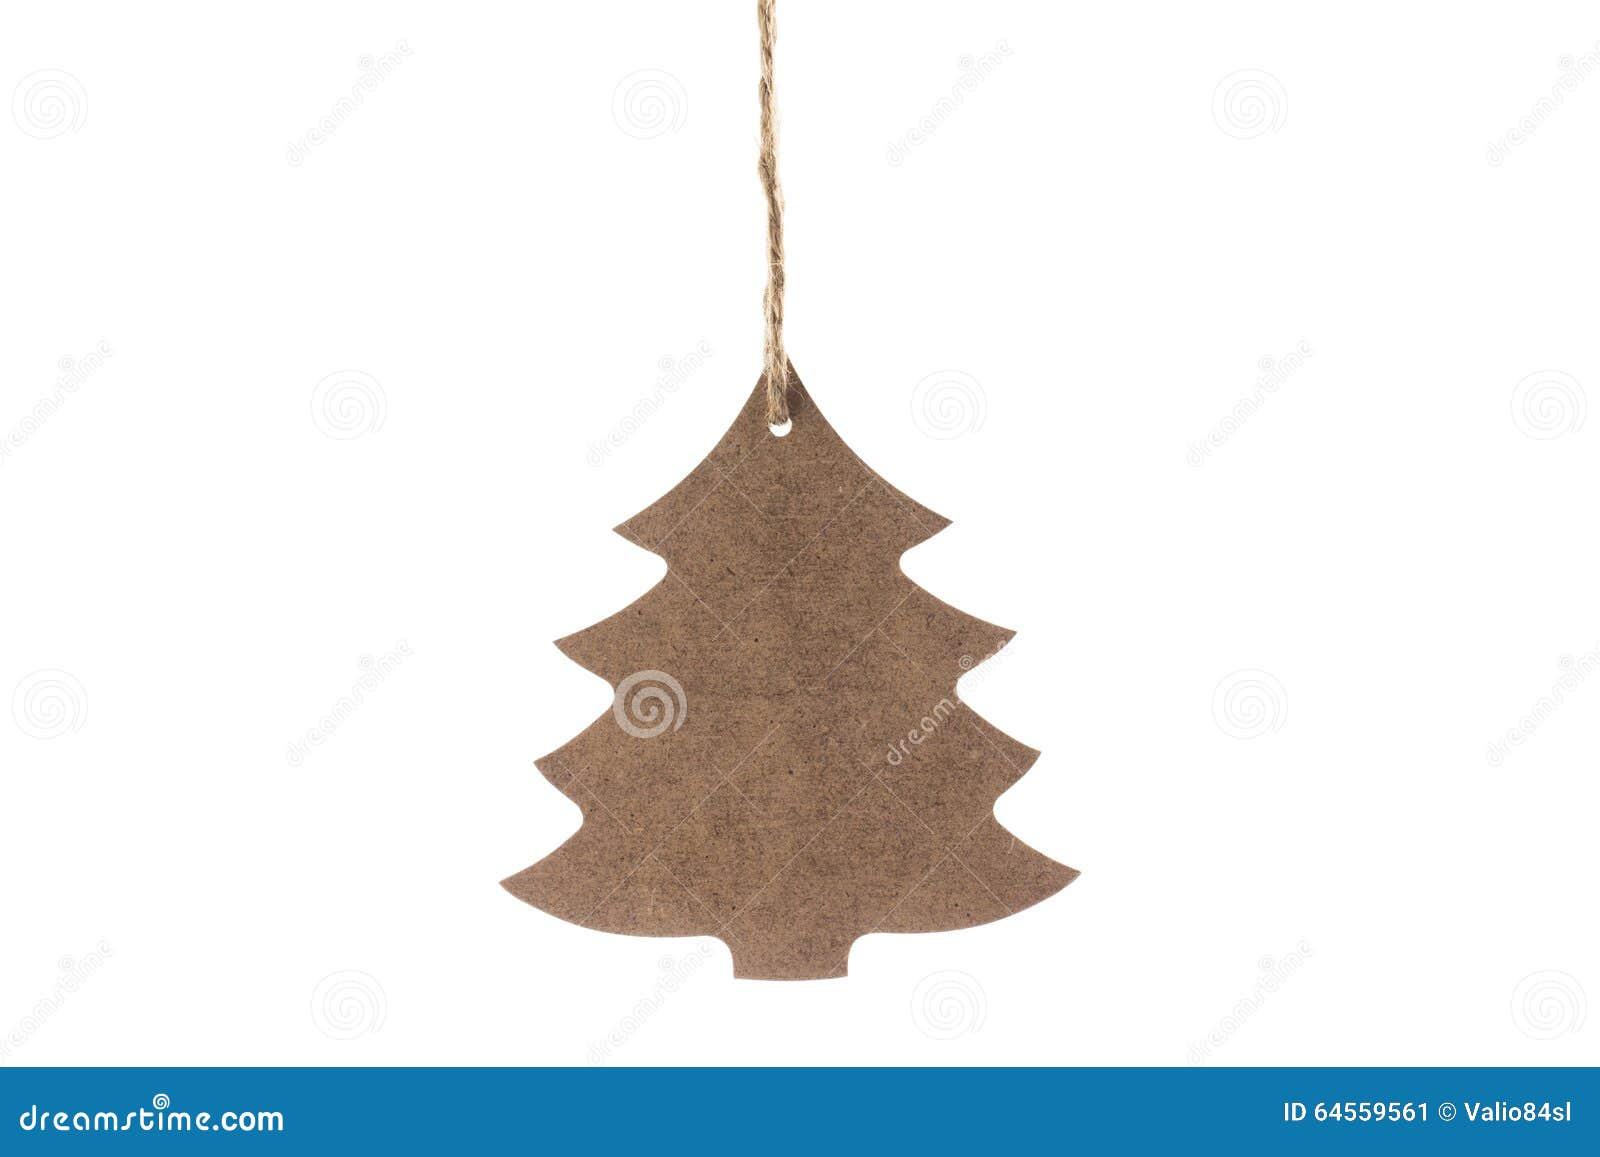 Houten Die Kerstboom Met Ster Voor Decoratie Op Wit Wordt Geisoleerd